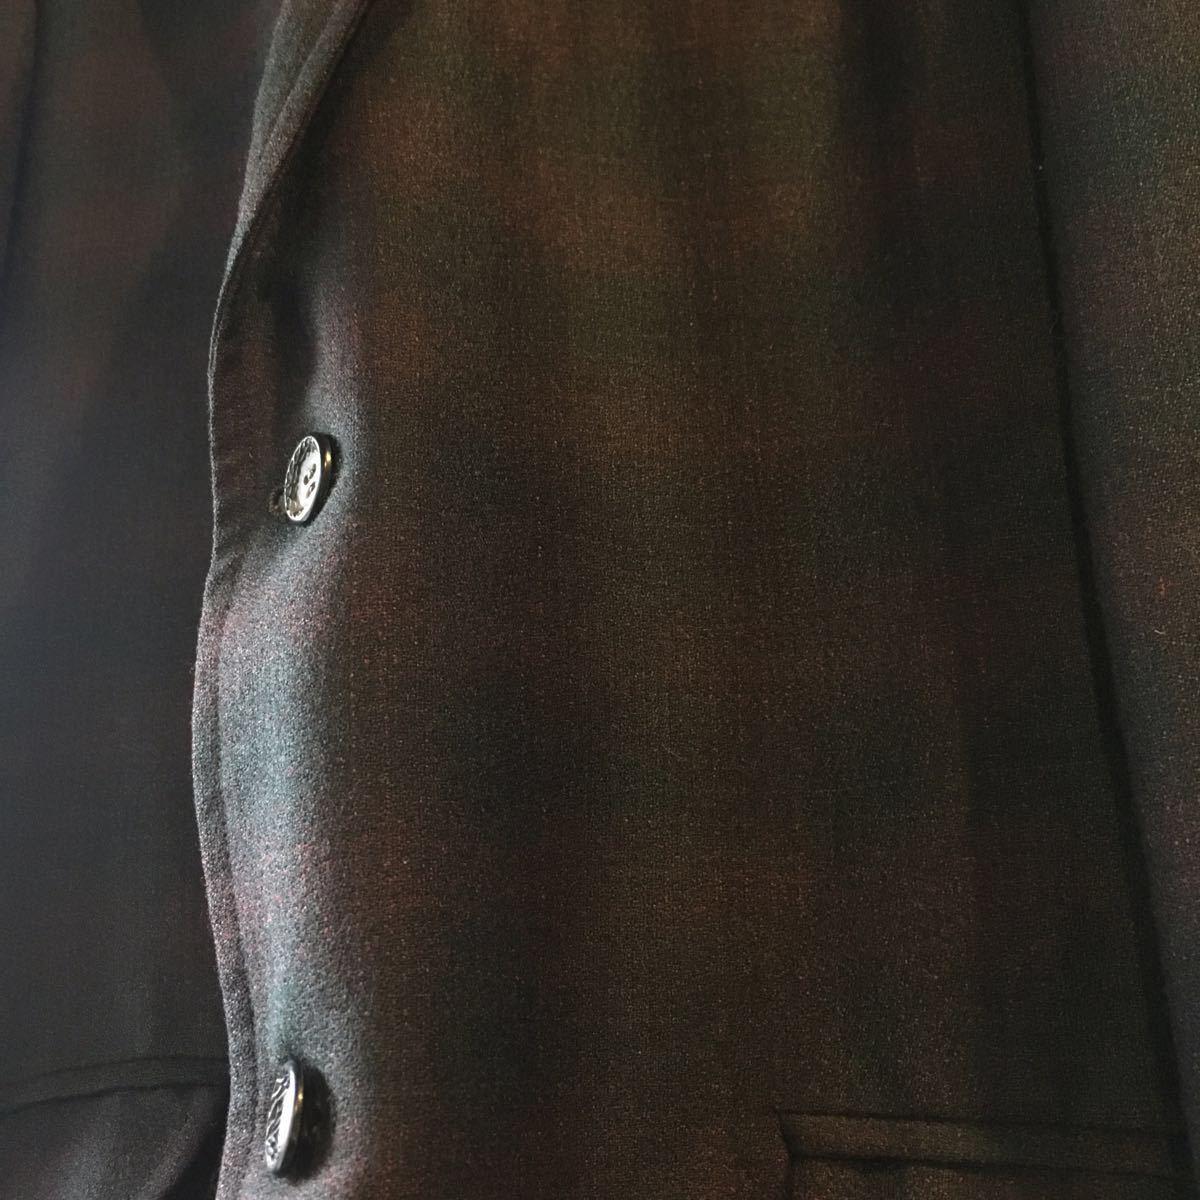 1960's オンブレ ビンテージ テーラードジャケット HAMPTON HEATH シャドーチェック モッズ アイビー UK 黒 ブラック 50s 70s_画像3